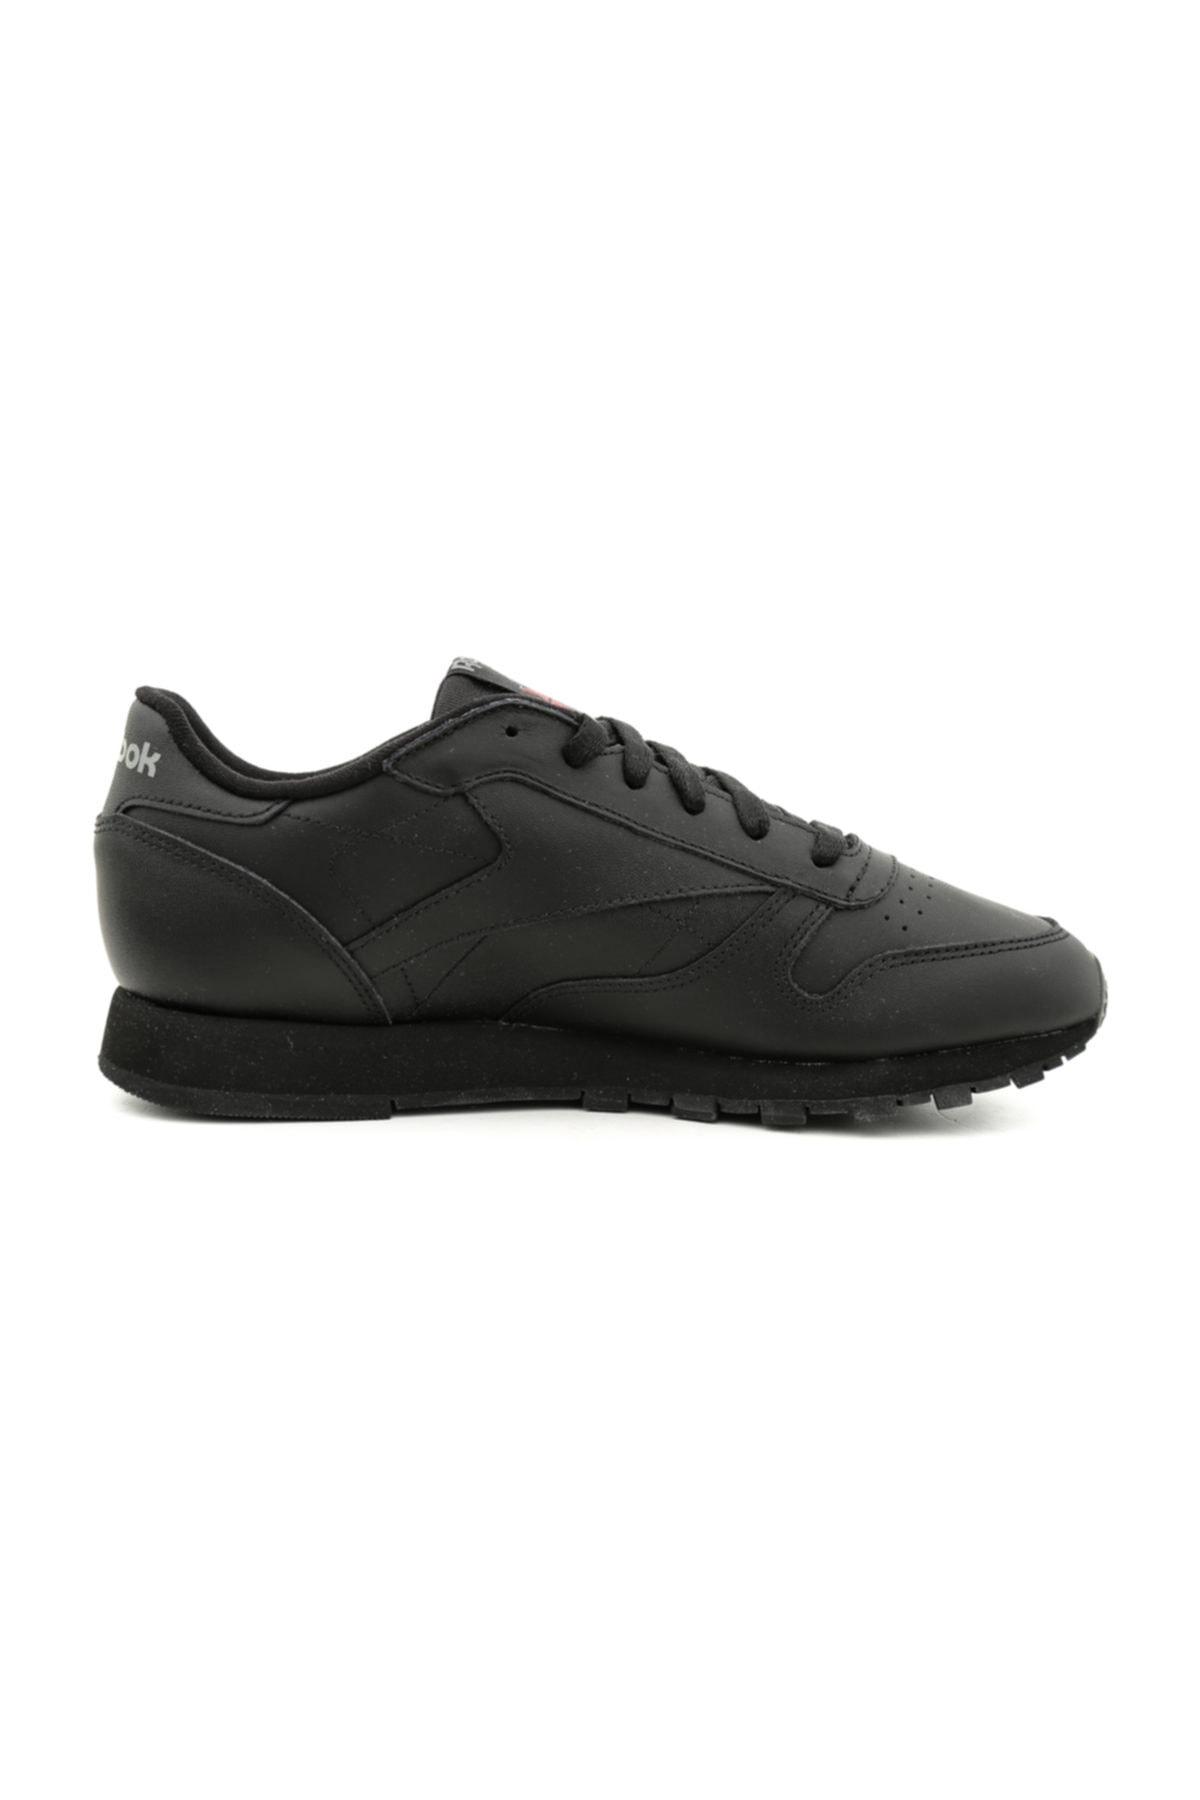 Reebok 003912-K Reebok Cl Lthr Kadın Spor Ayakkabı Siyah 1